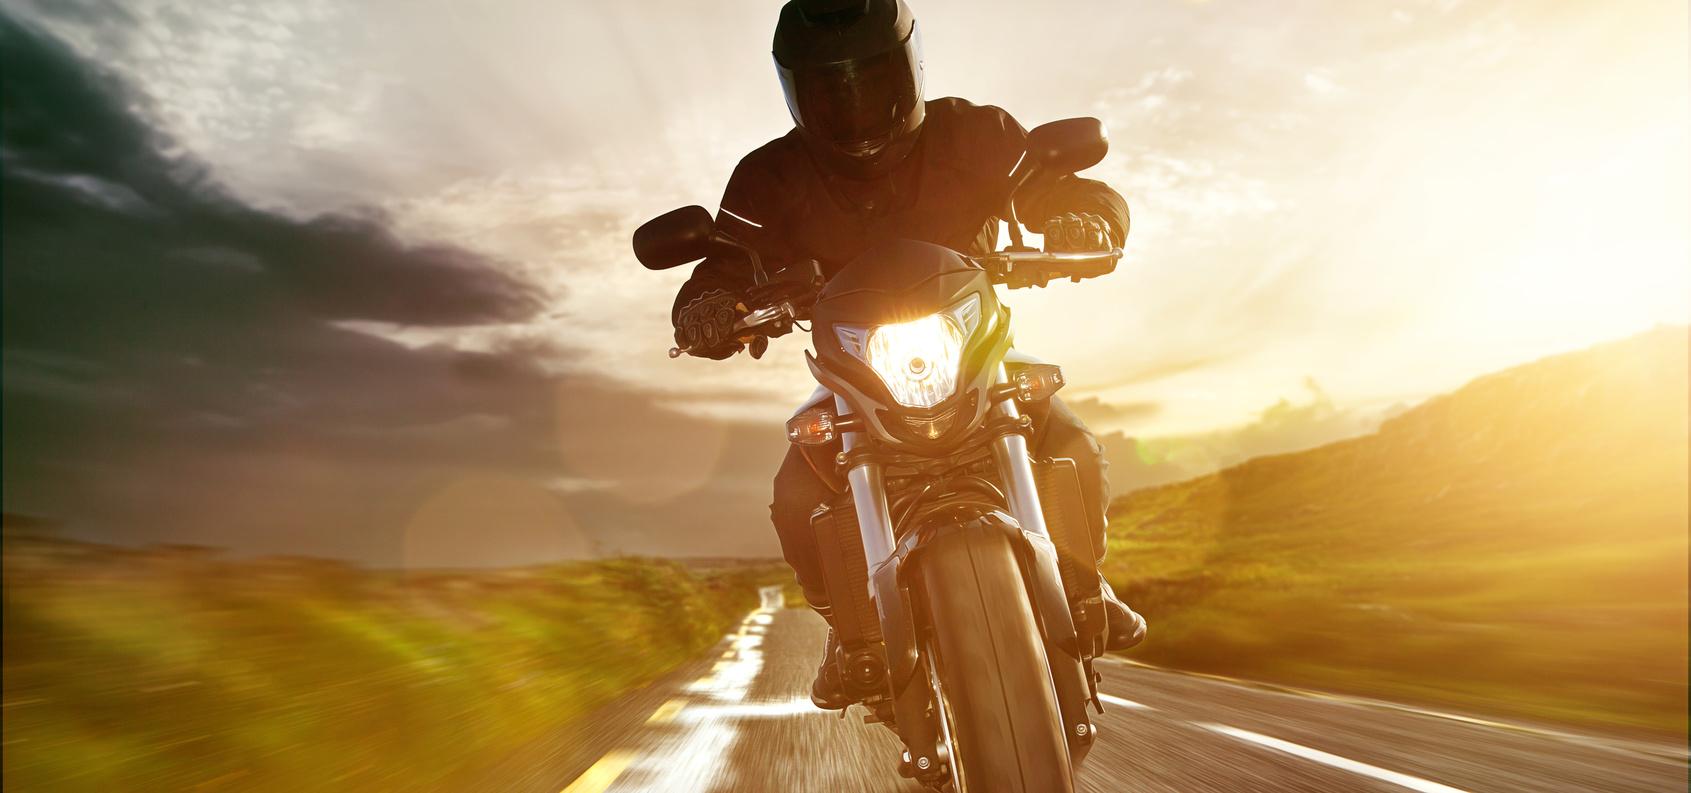 Motorradversicherung Kündigen Geprüfte Vorlage Direkter Versand